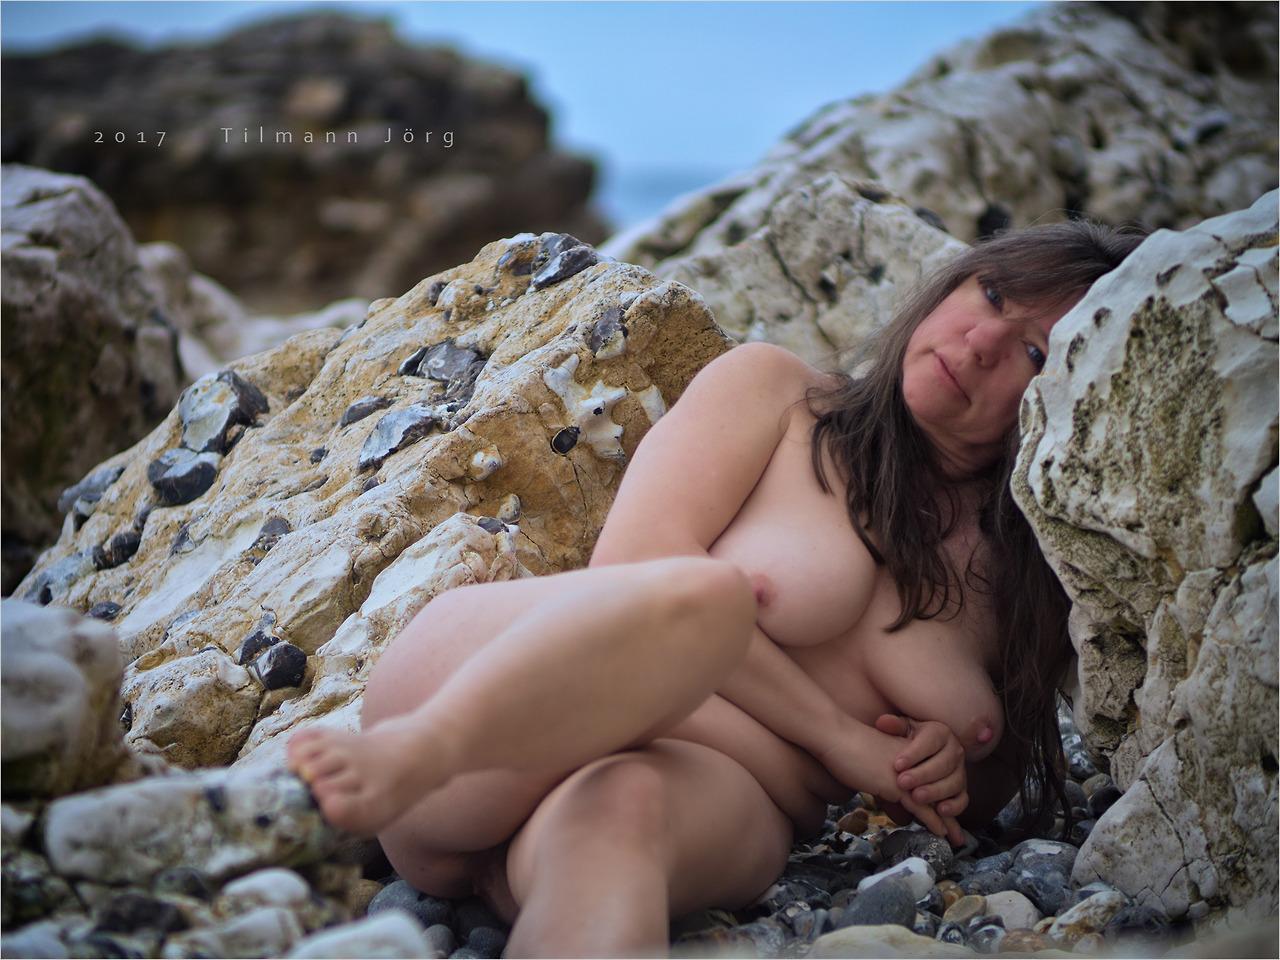 nackt frau liegt am strand der englischen kreideküste